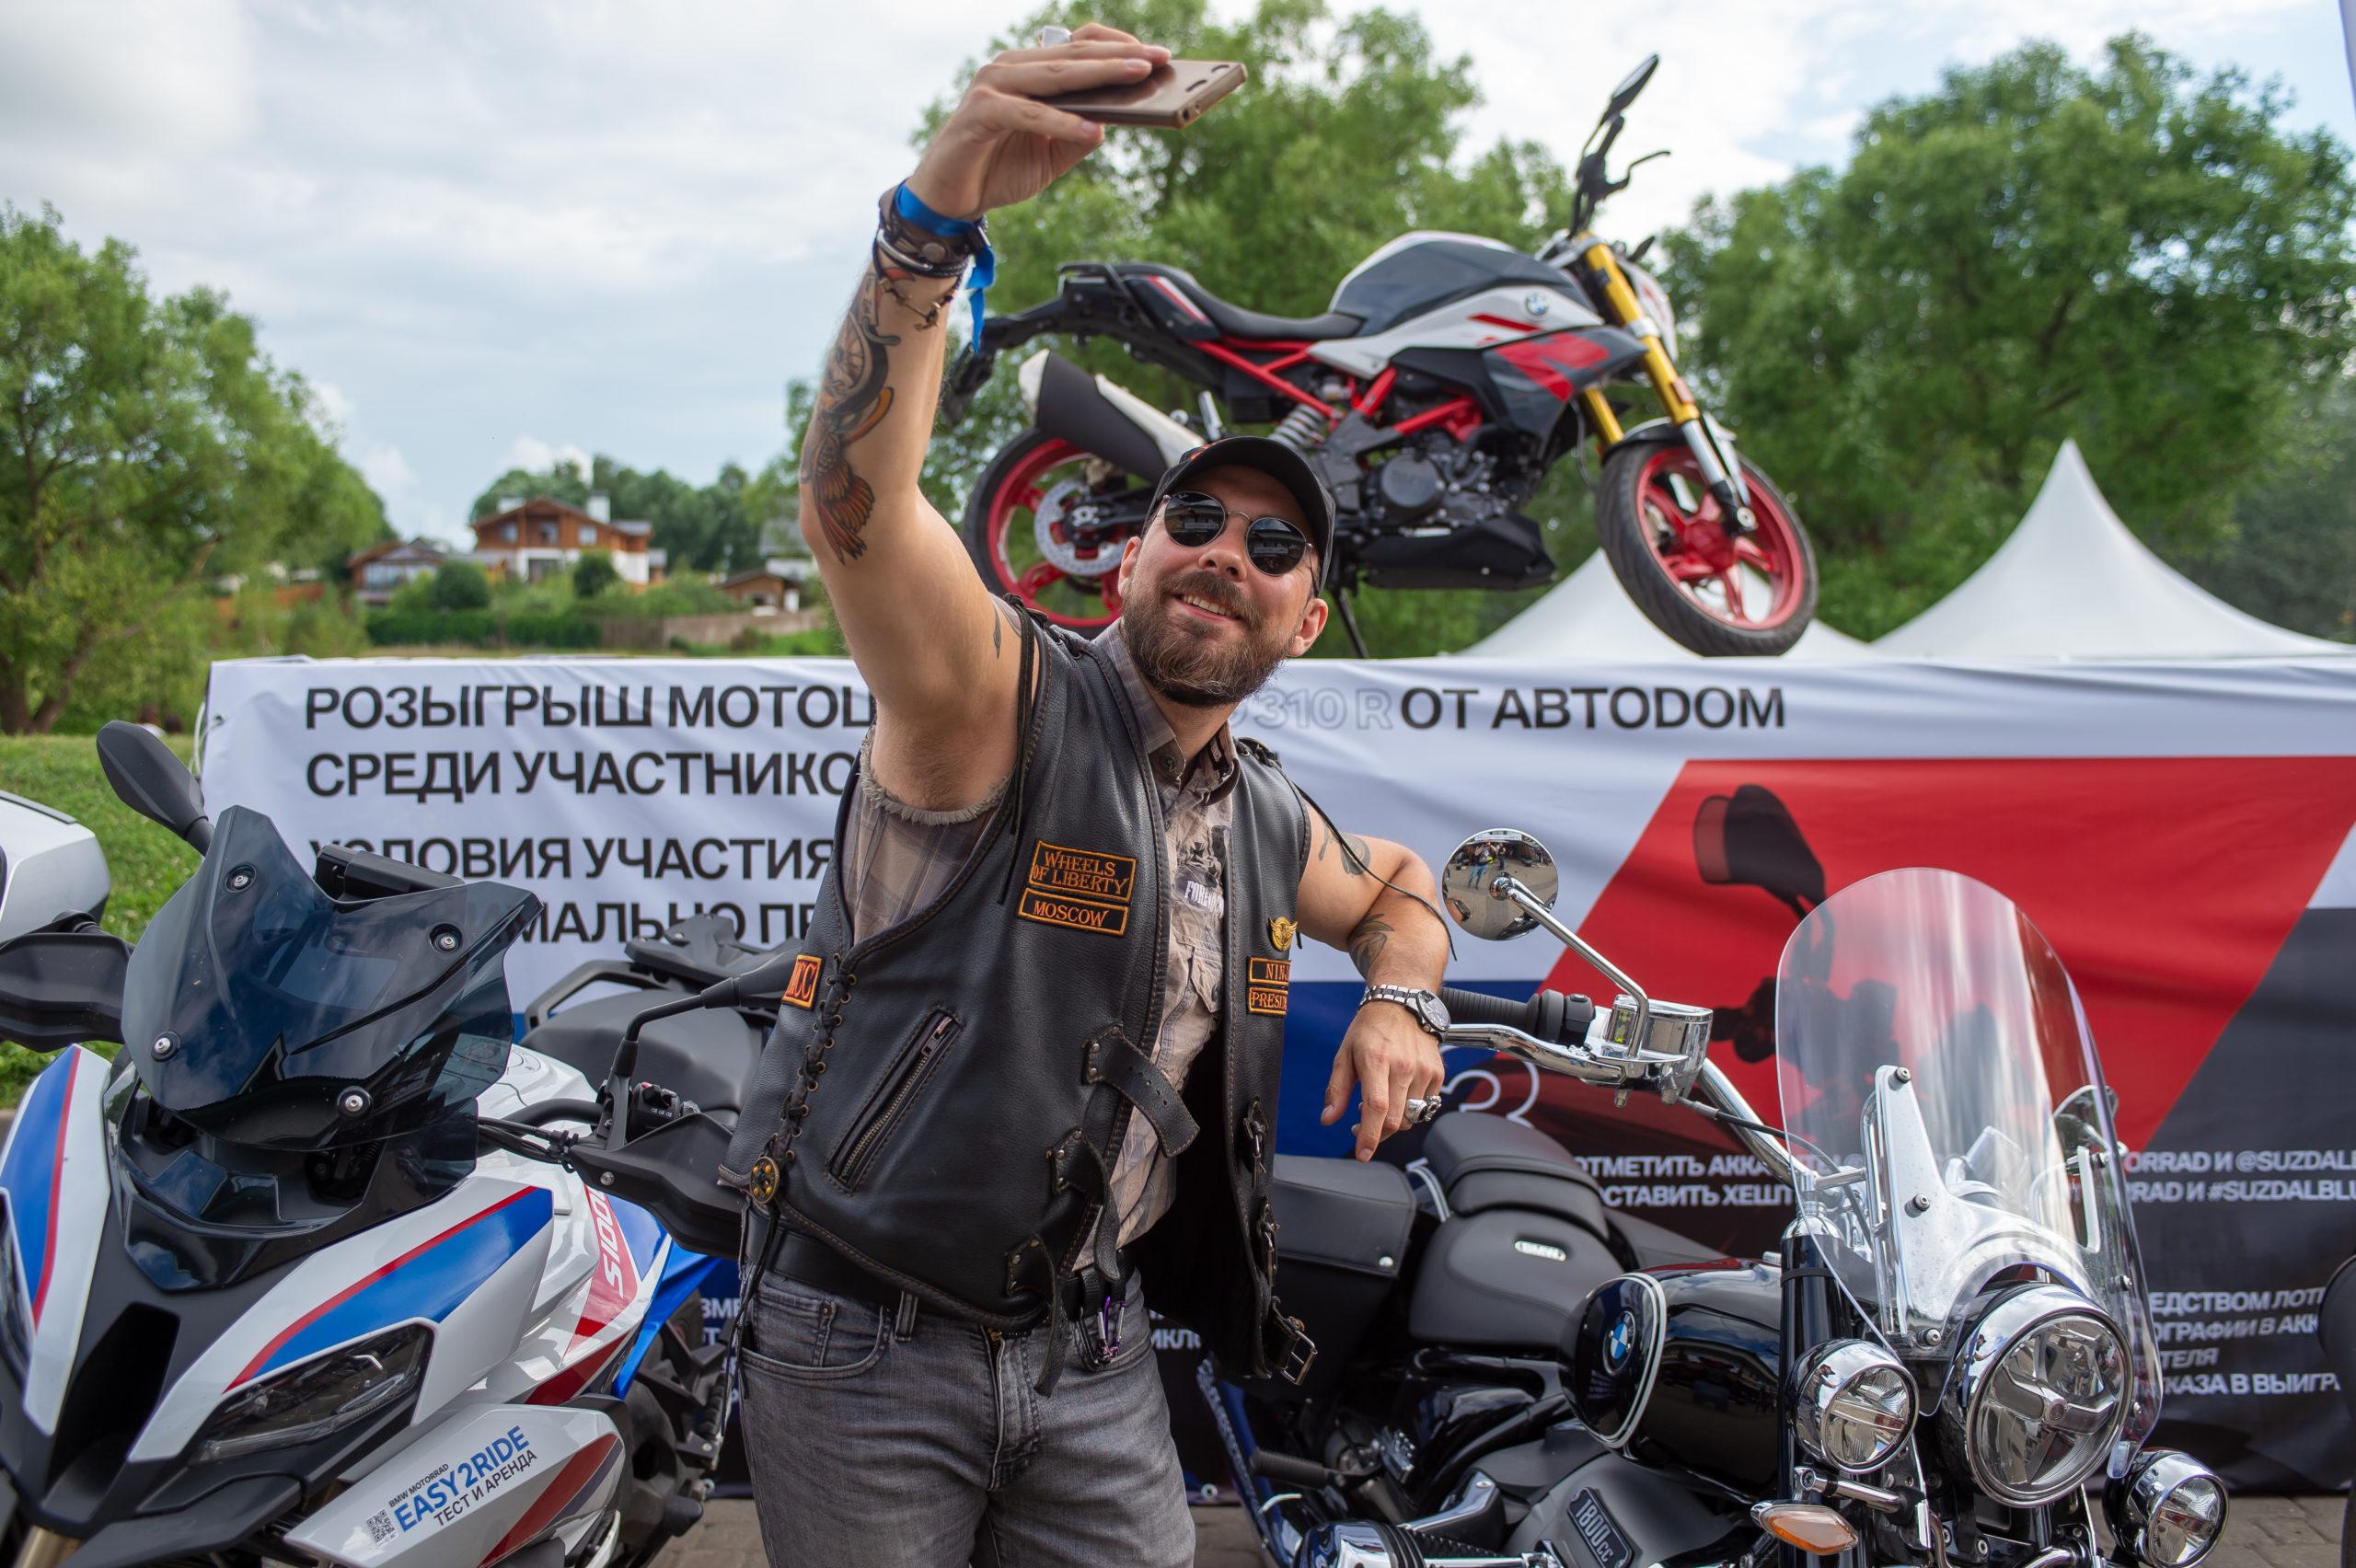 ABTODOM разыграл мотоцикл BMW G310R